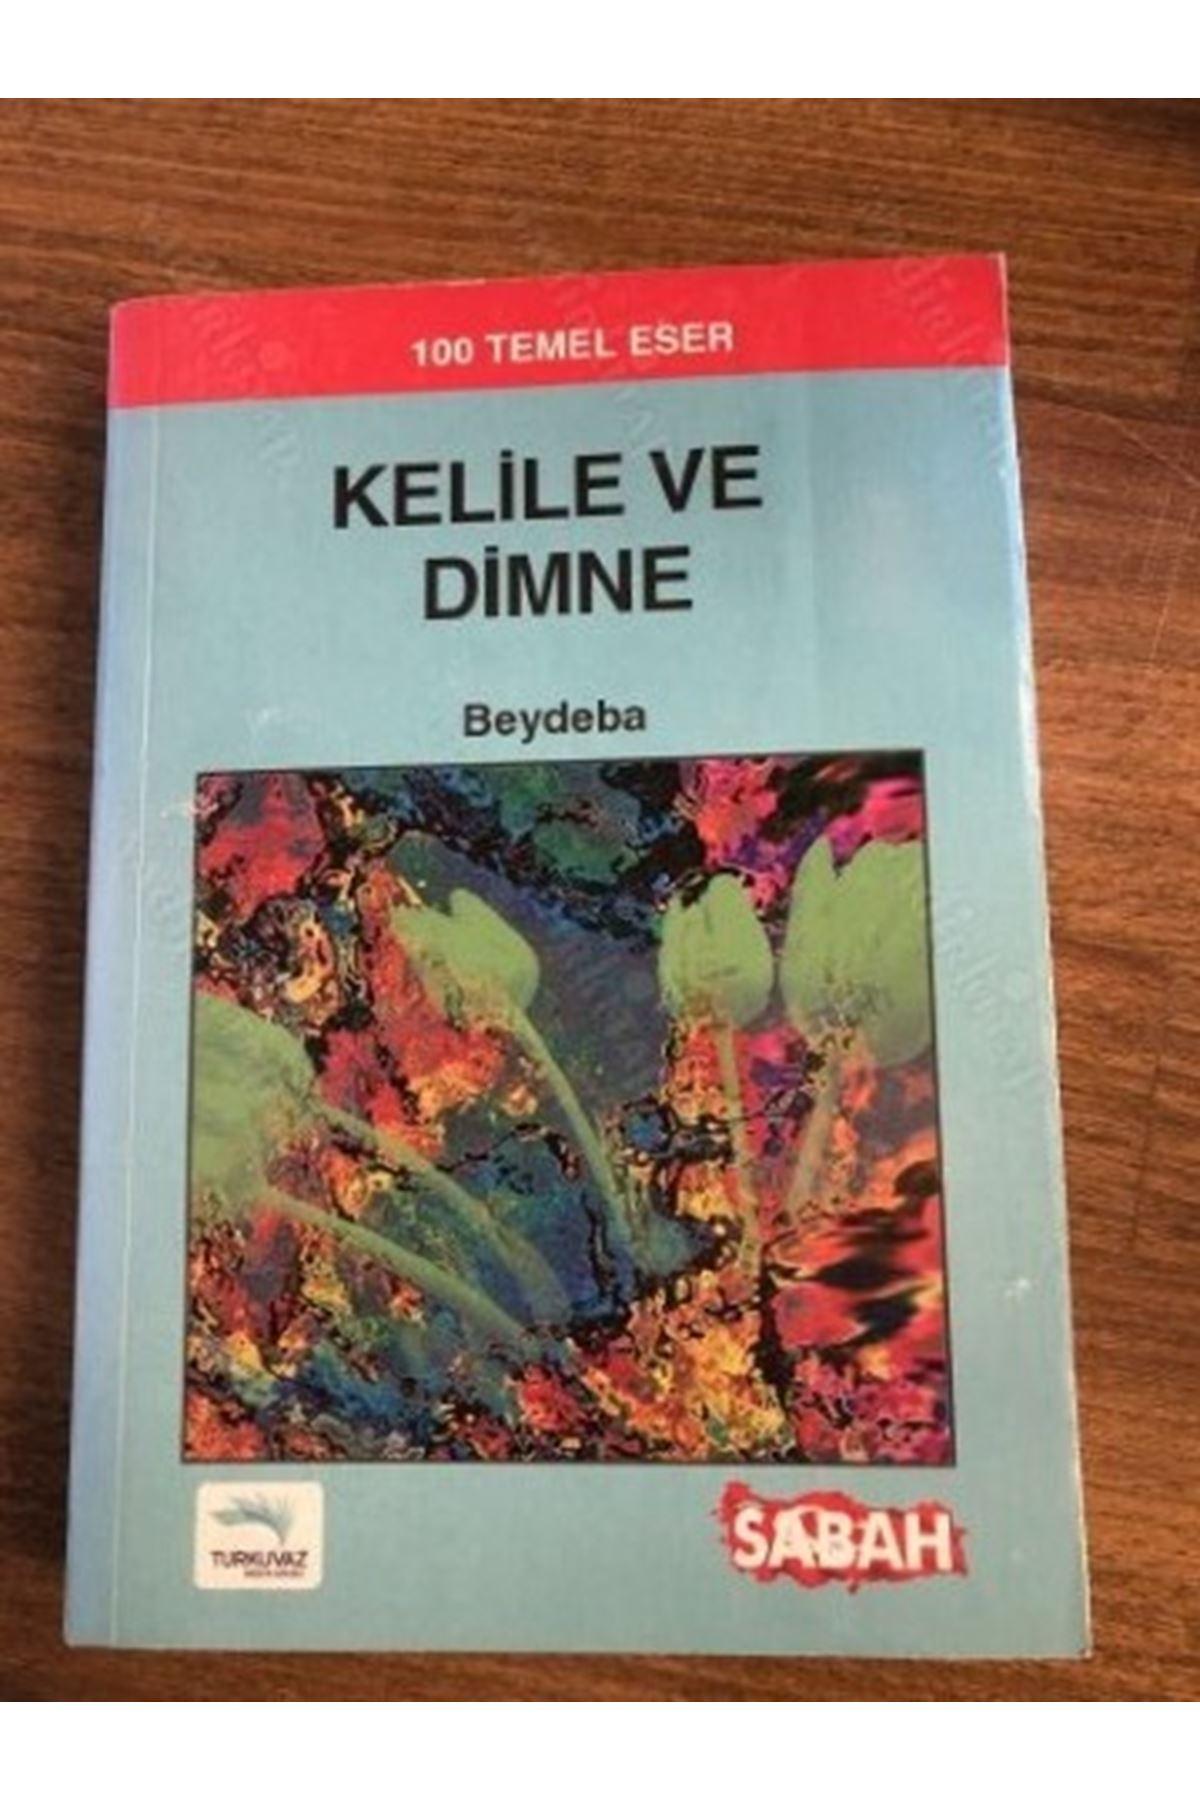 BEYDEBA - KELİLE VE DİMNE